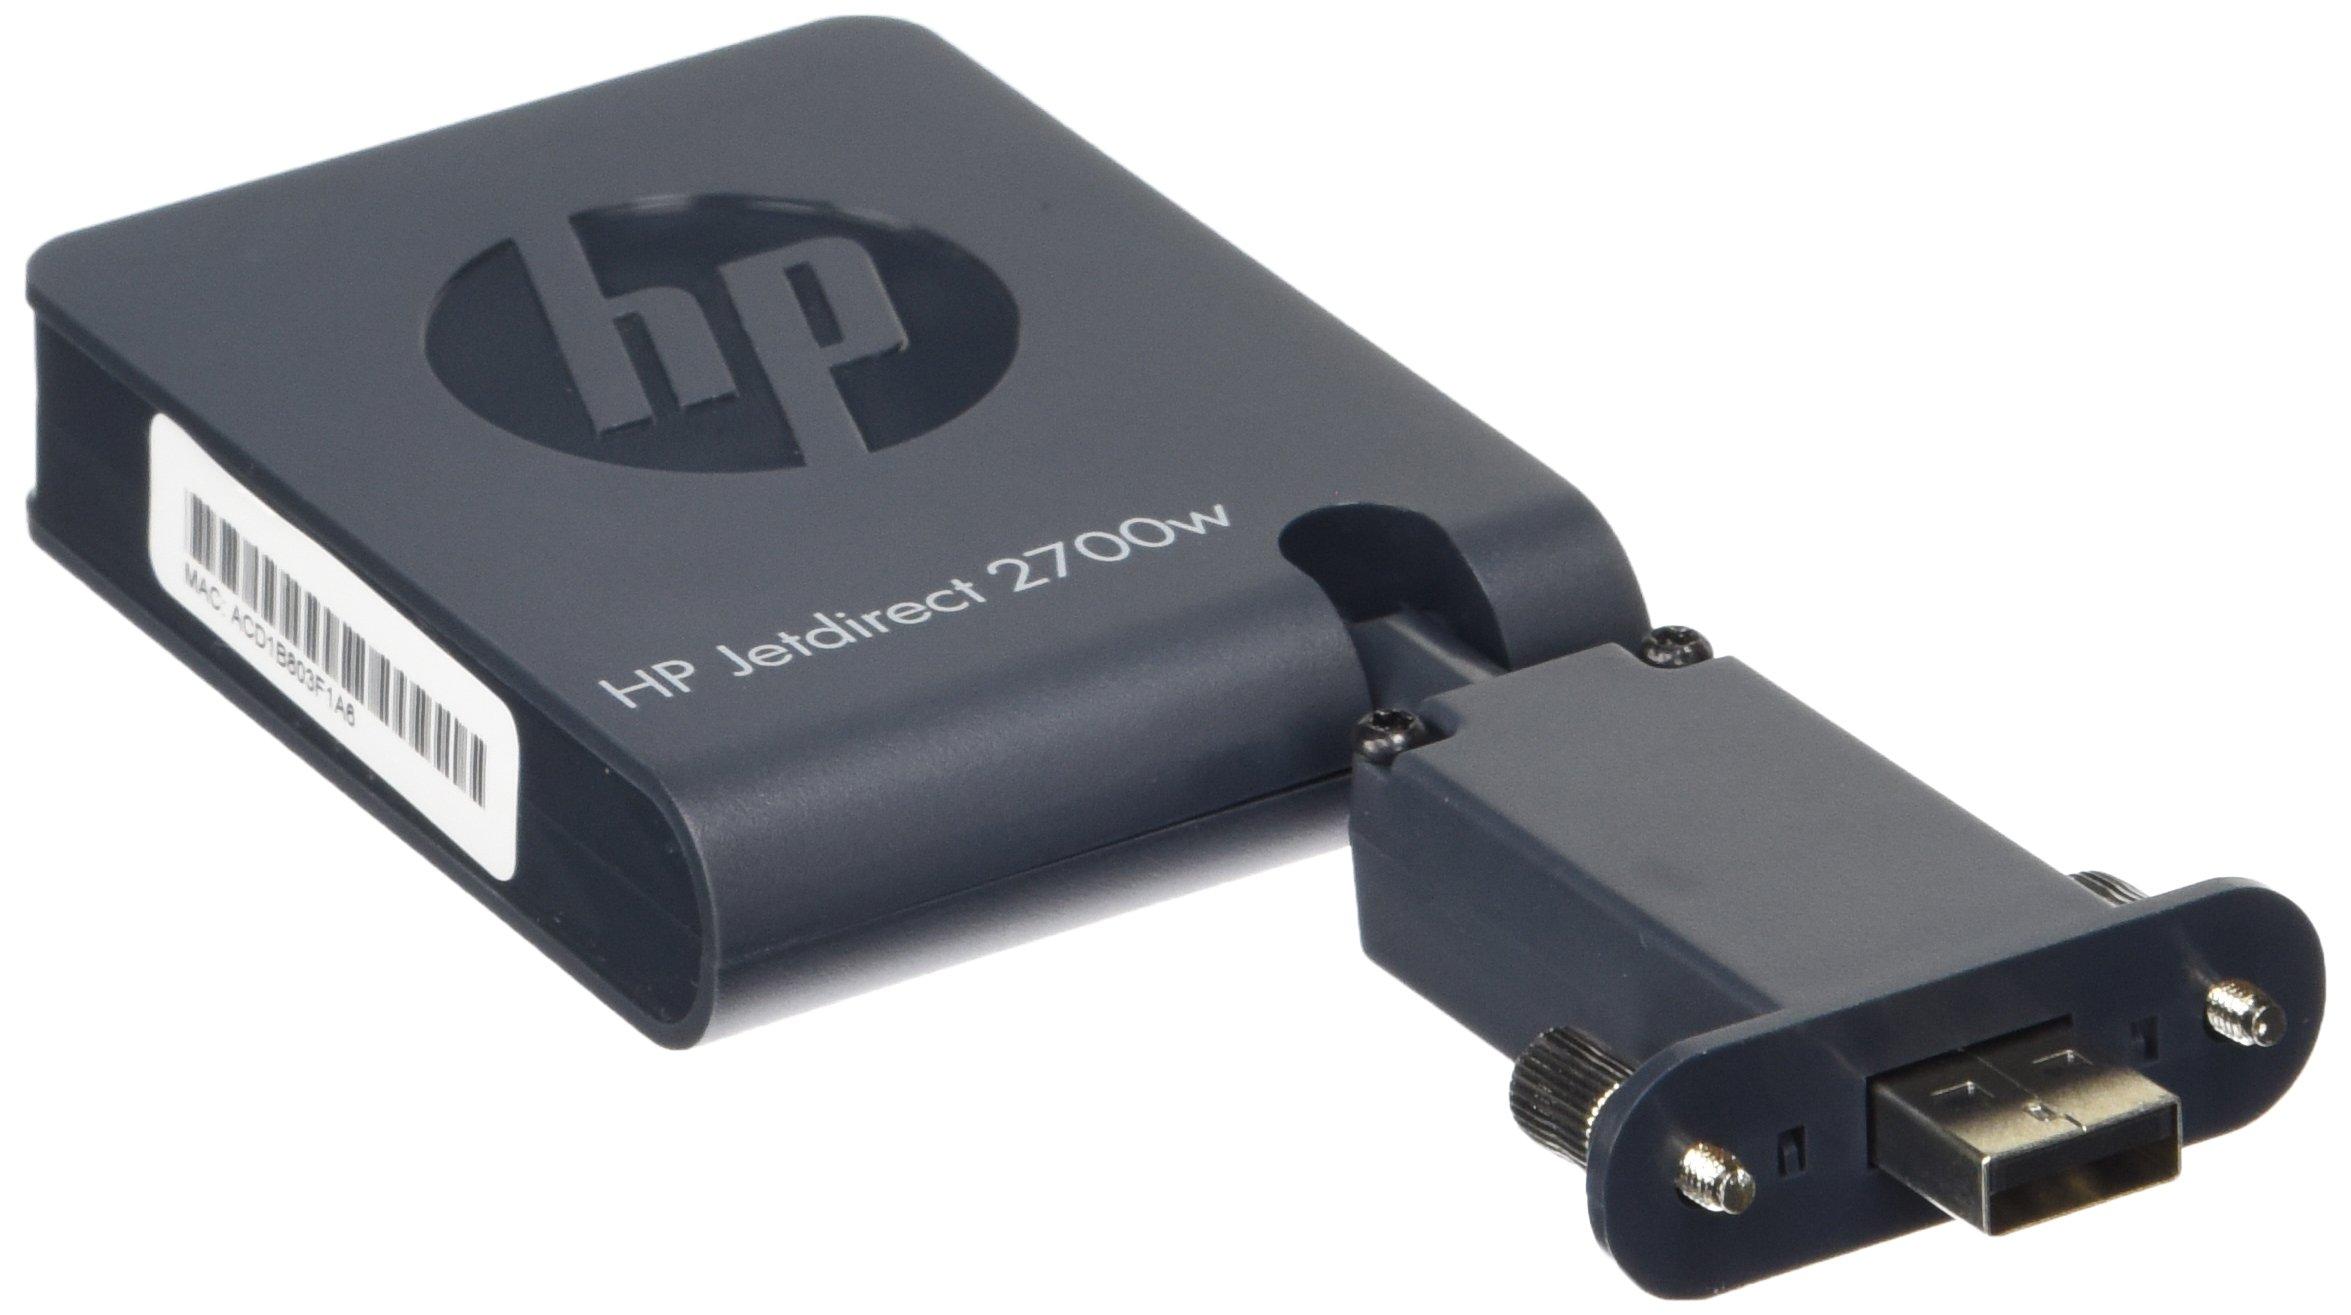 HP Jetdirect 2700w - Servidor de impresión (Wireless LAN, IEEE 802.11b, IEEE 802.11g, IEEE 802.11n, 128-bit AES, EAP, EAP-TLS, LEAP, PEAP, SSL/TLS, TKIP, WEP, WPA, WPA2, IPv4/IPv6: SNMPv1/v2c/v3, HTTP, HTTPS, FTP, TFTP, 9100, LPD, IPP, Secure-IPP, WS Dis